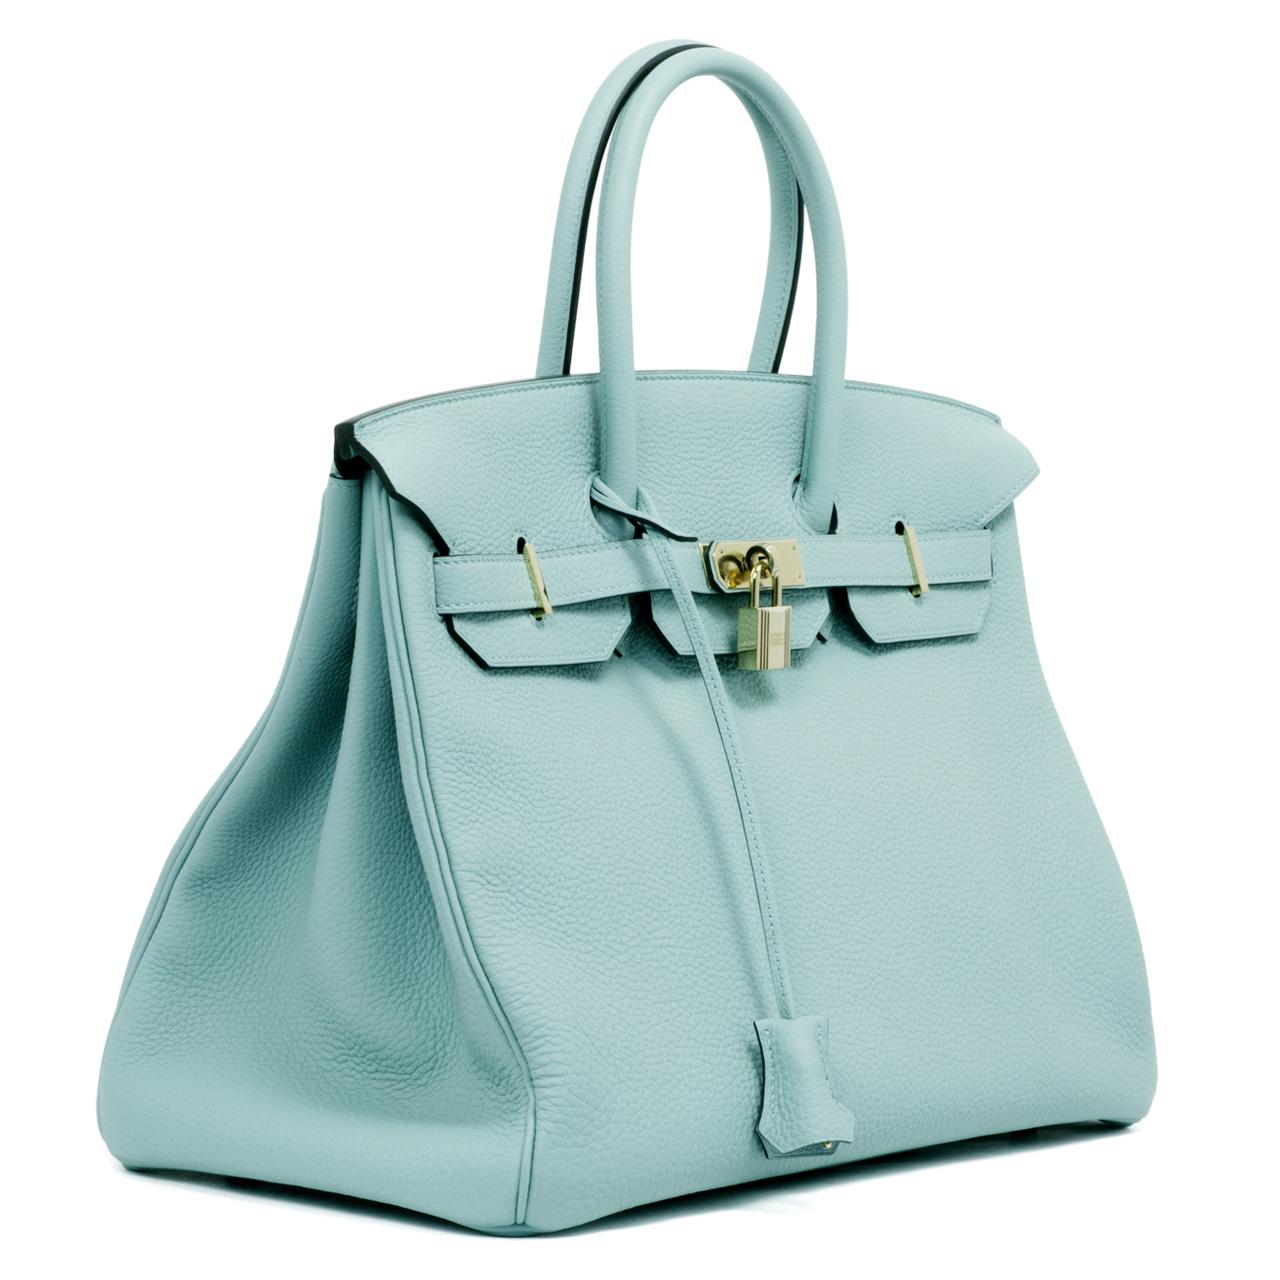 Designer Handbags - Buy Sell Loan | Richmond Luxury Loan